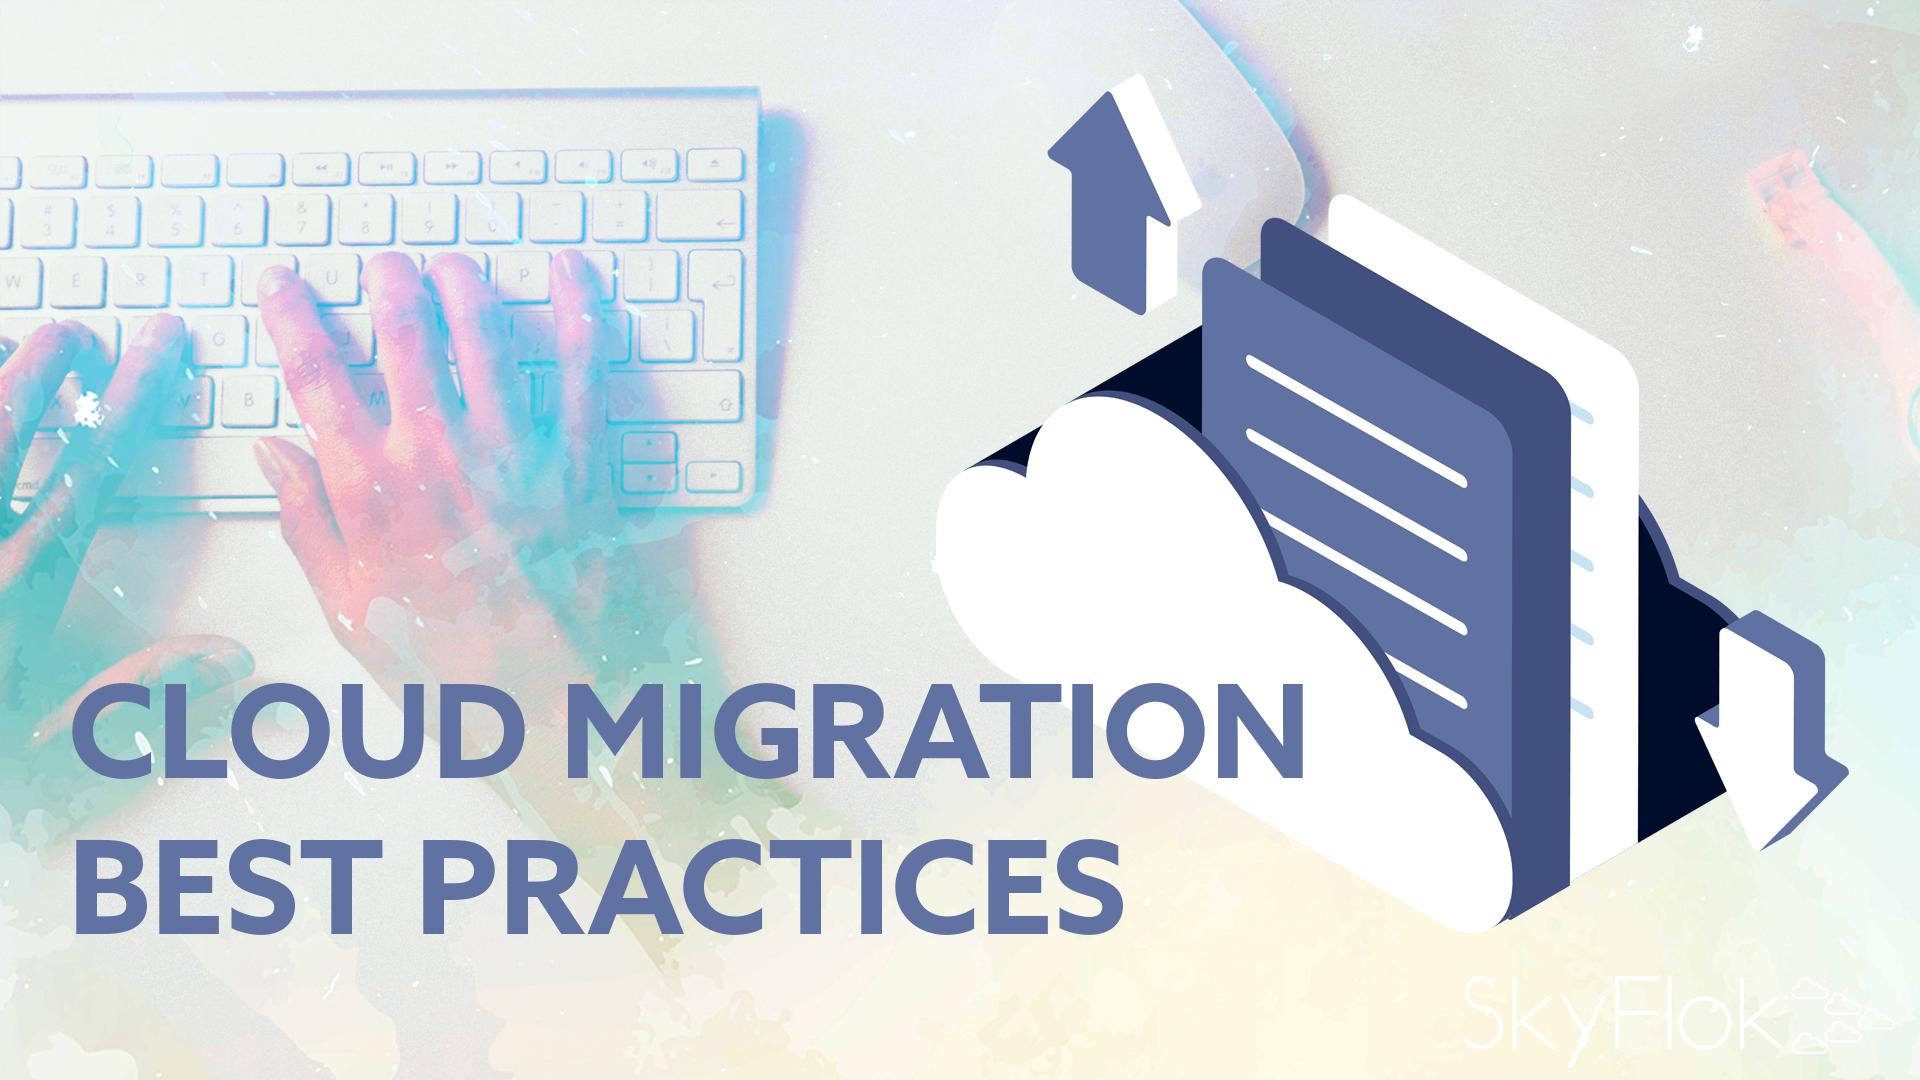 Cloud Migration Best Practices